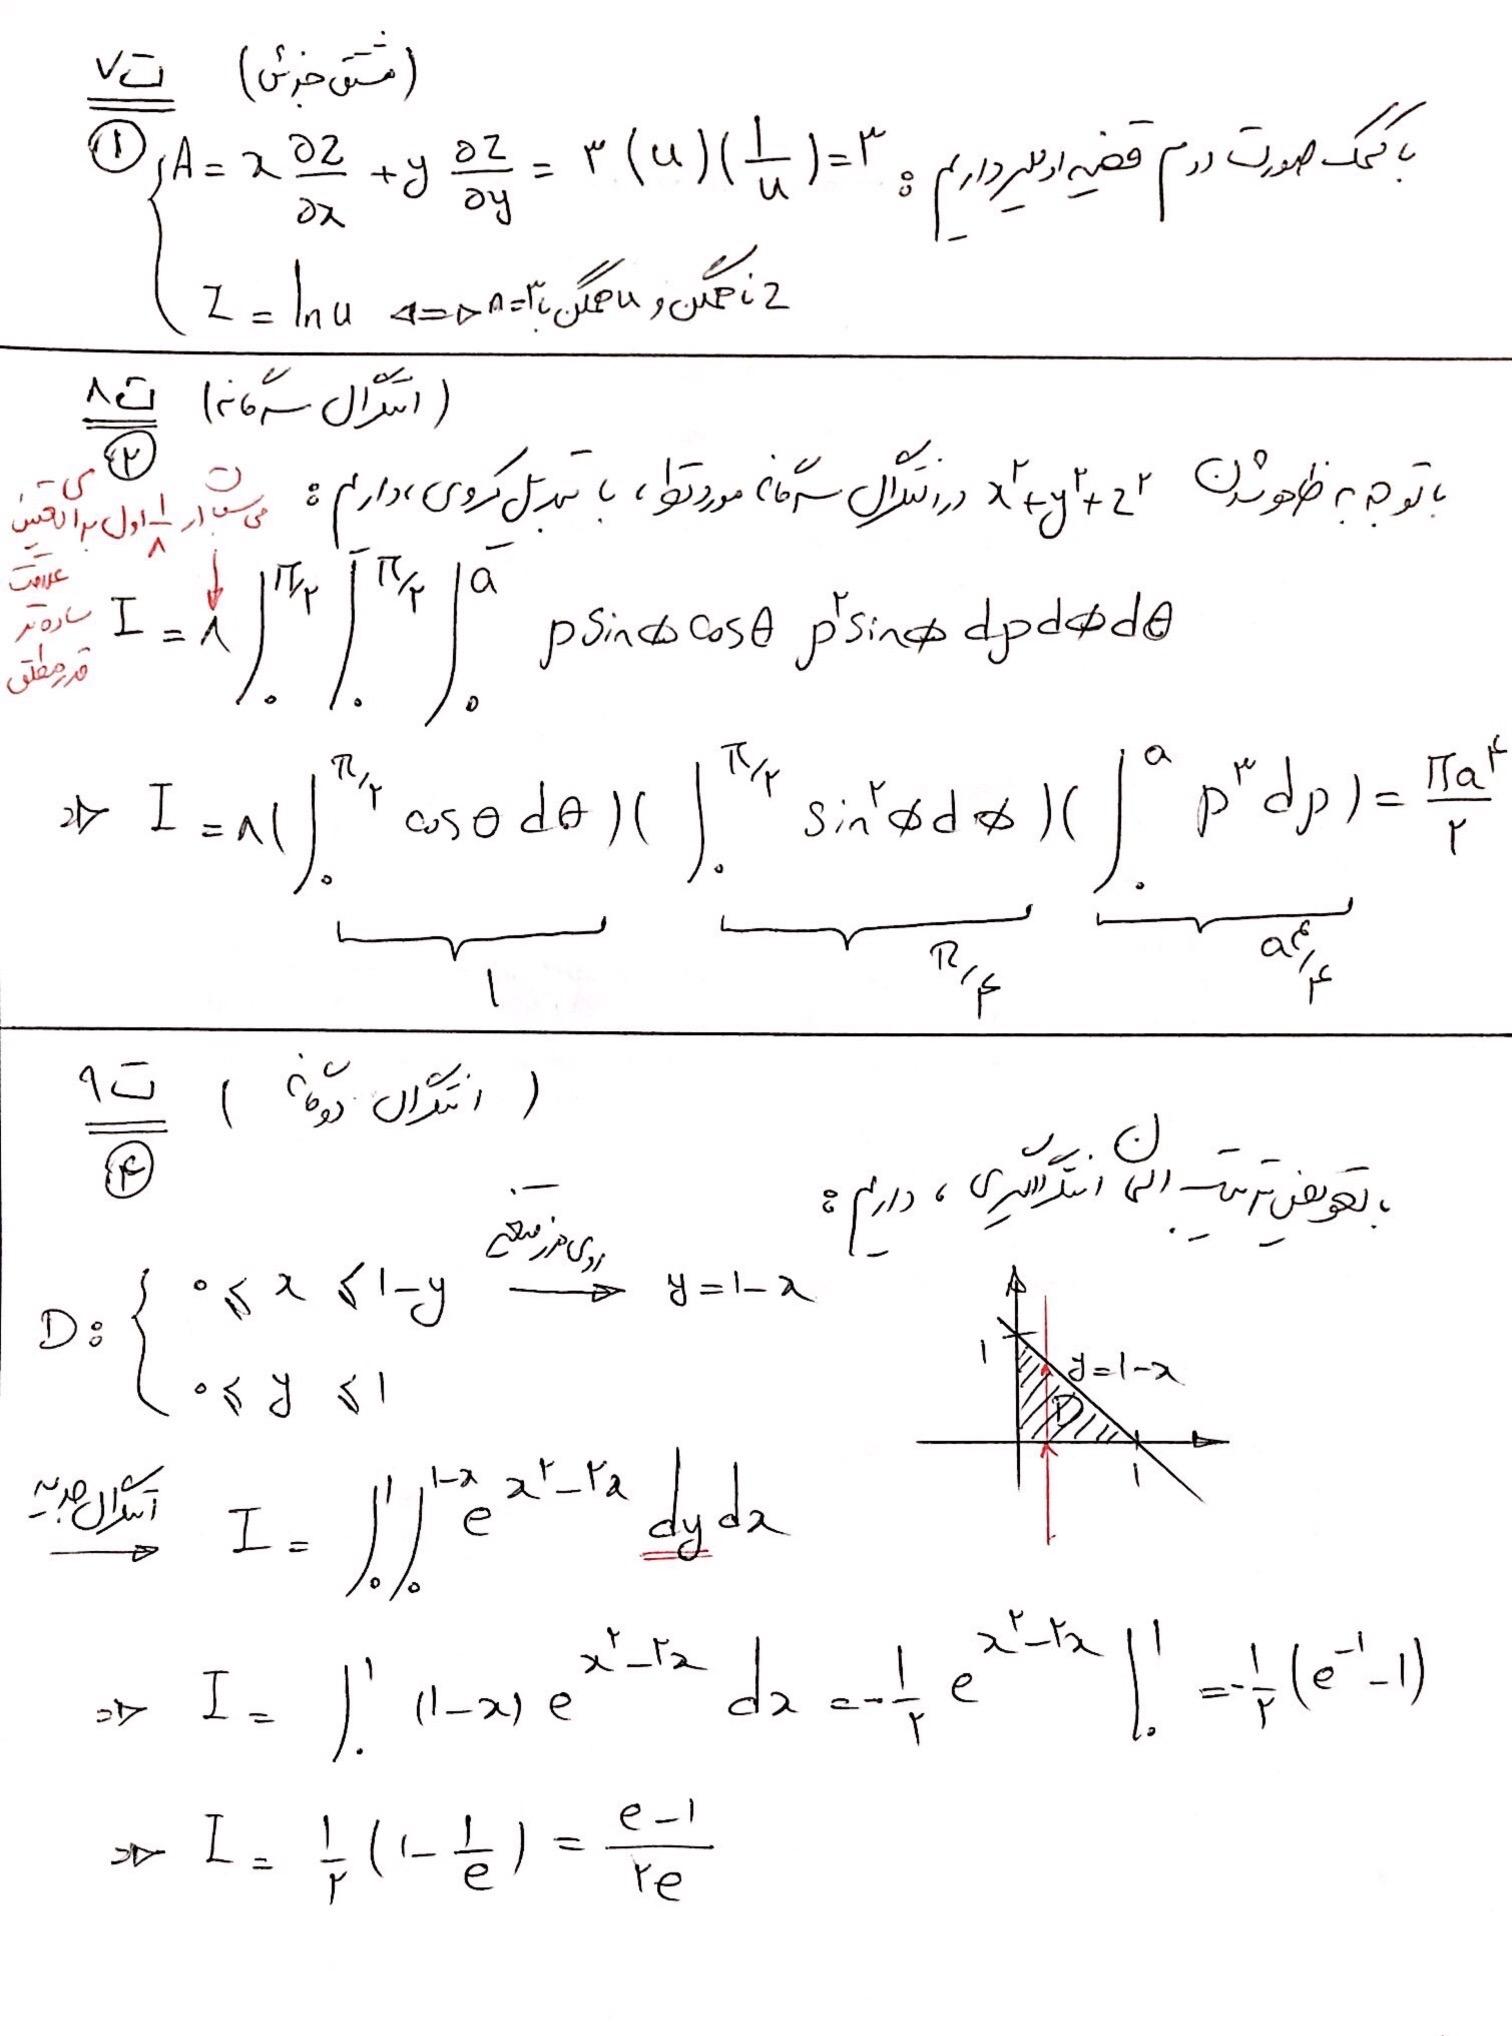 ریاضی عمومی1و2 عمران98 نقشه برداری 98